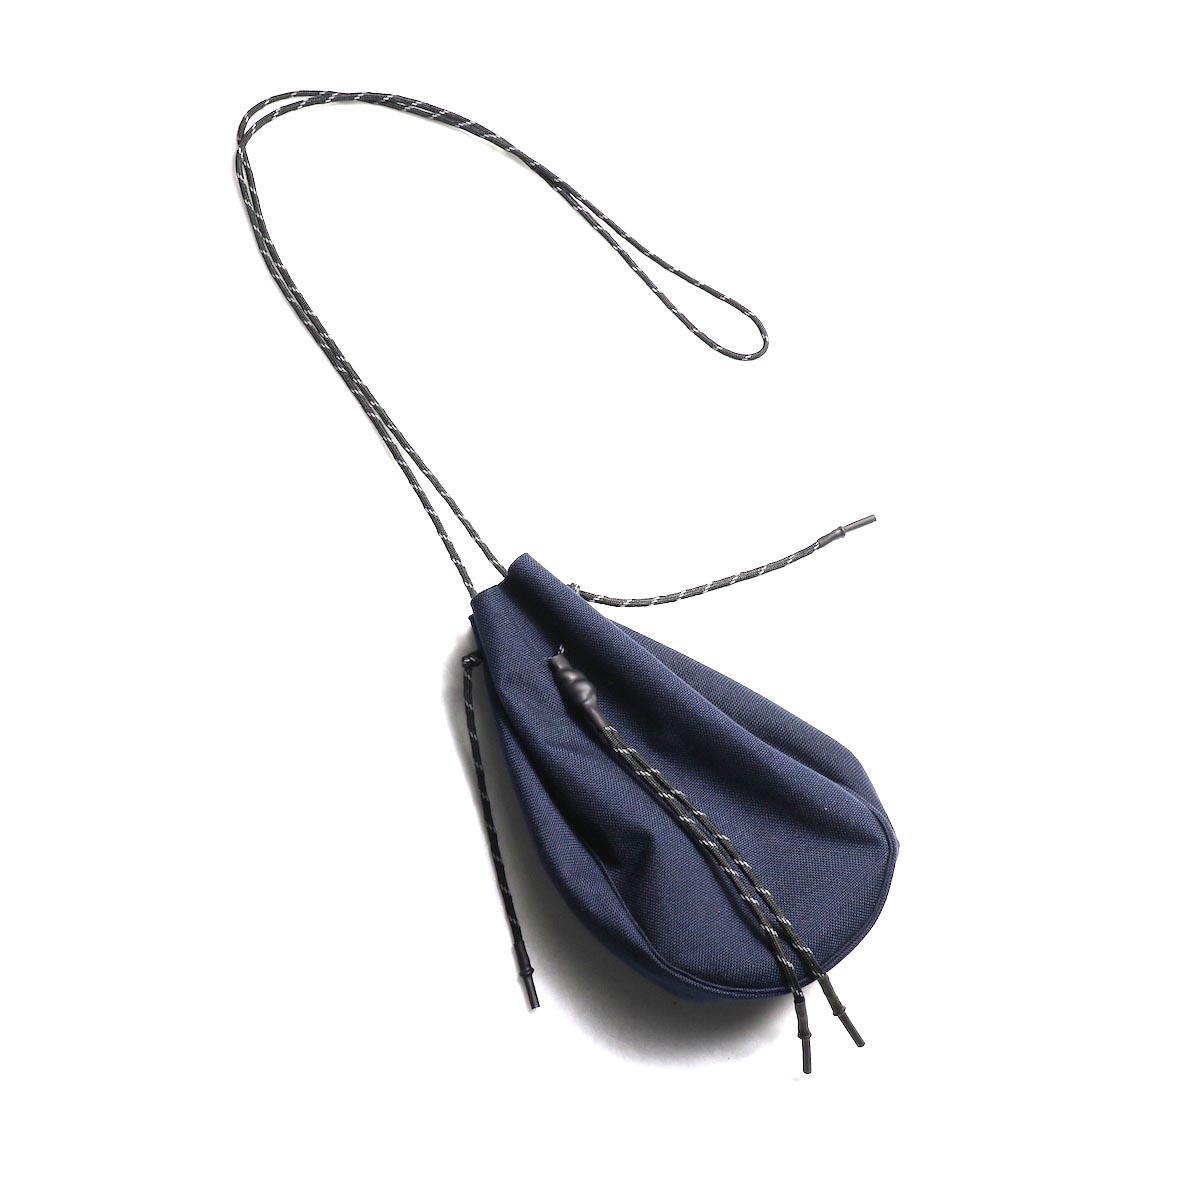 吉岡衣料店 / drawstring bag -S-. (Dark Navy)正面